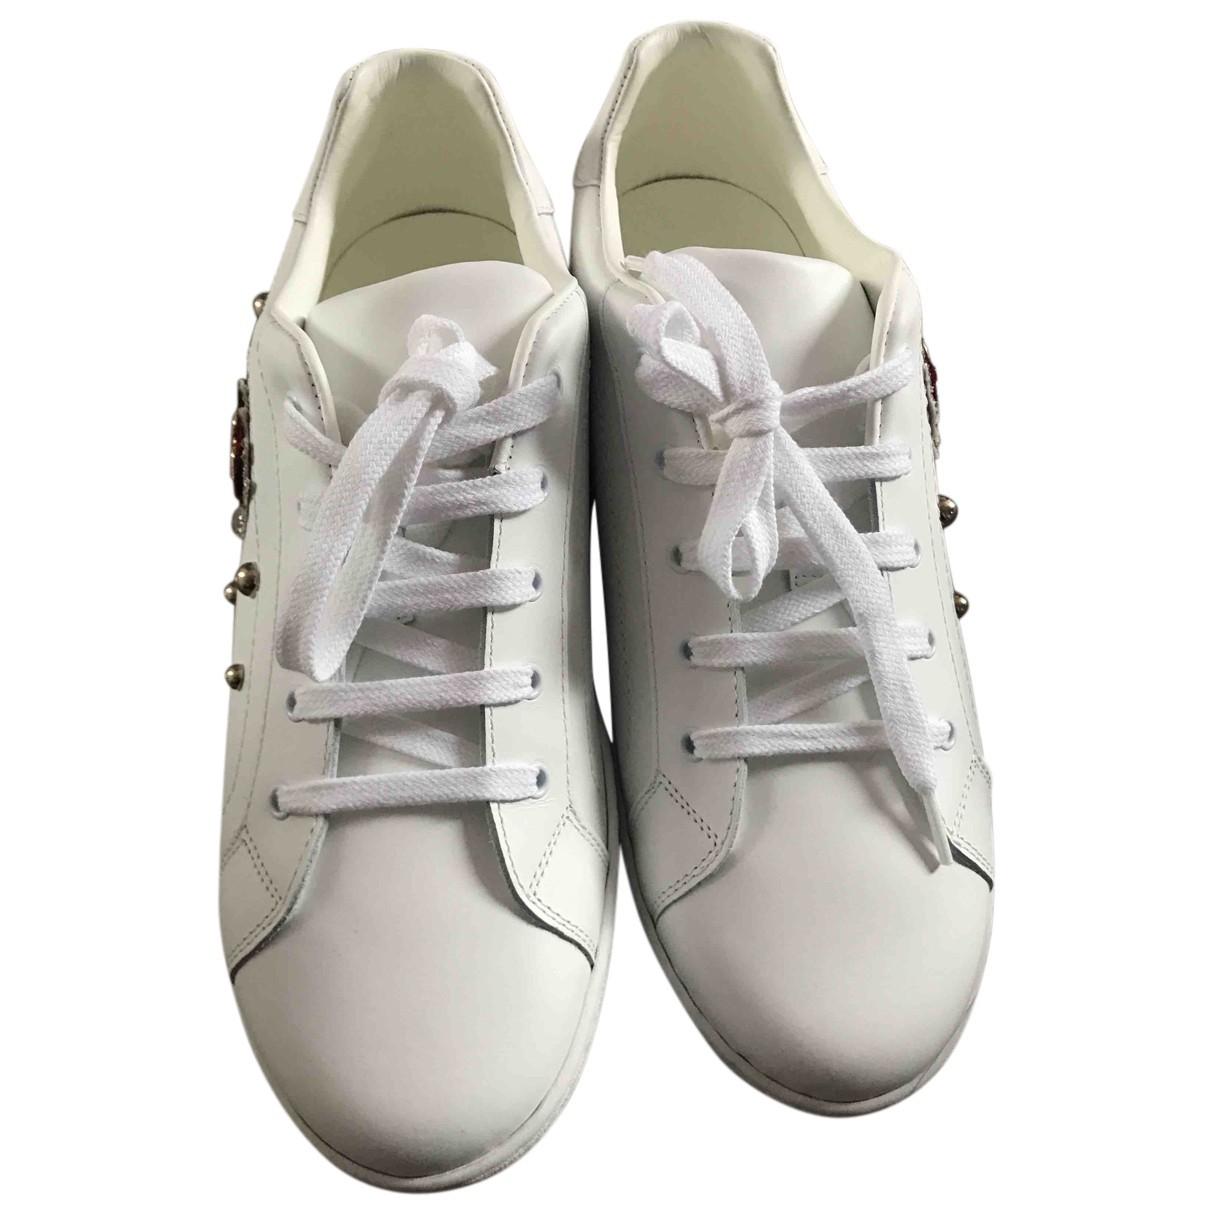 D&g - Baskets   pour femme en cuir - blanc